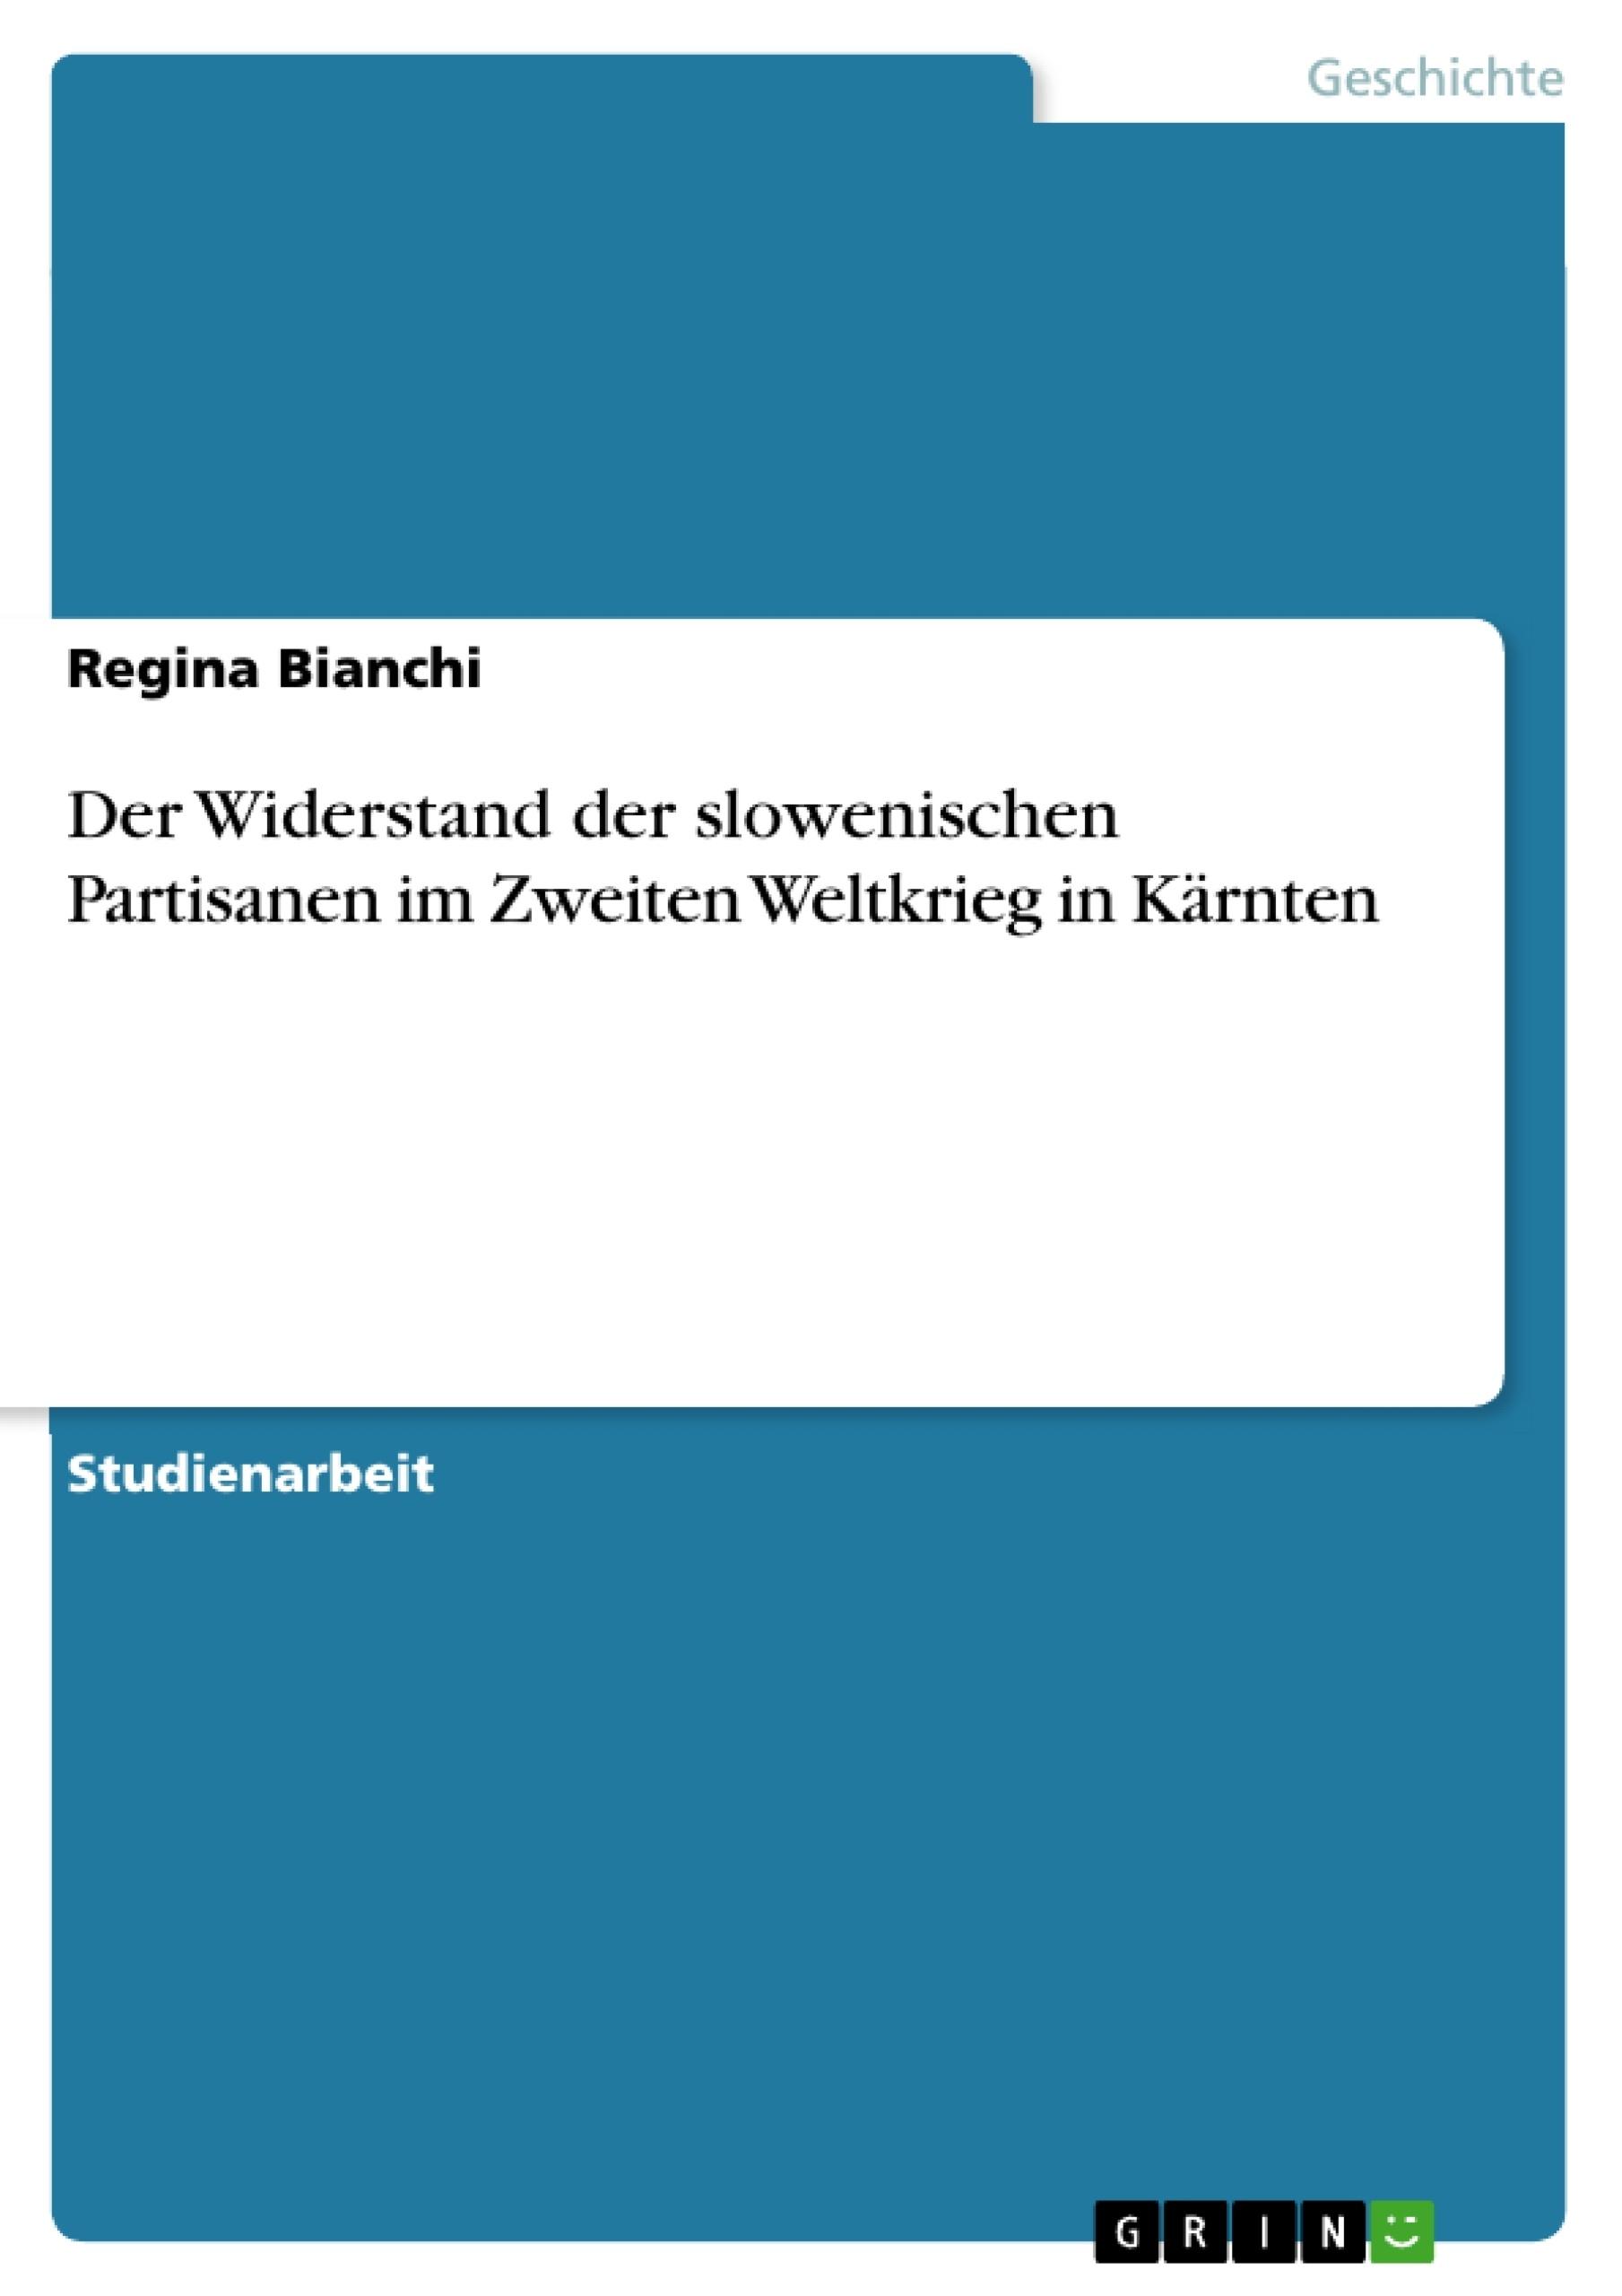 Titel: Der Widerstand der slowenischen Partisanen im Zweiten Weltkrieg in Kärnten